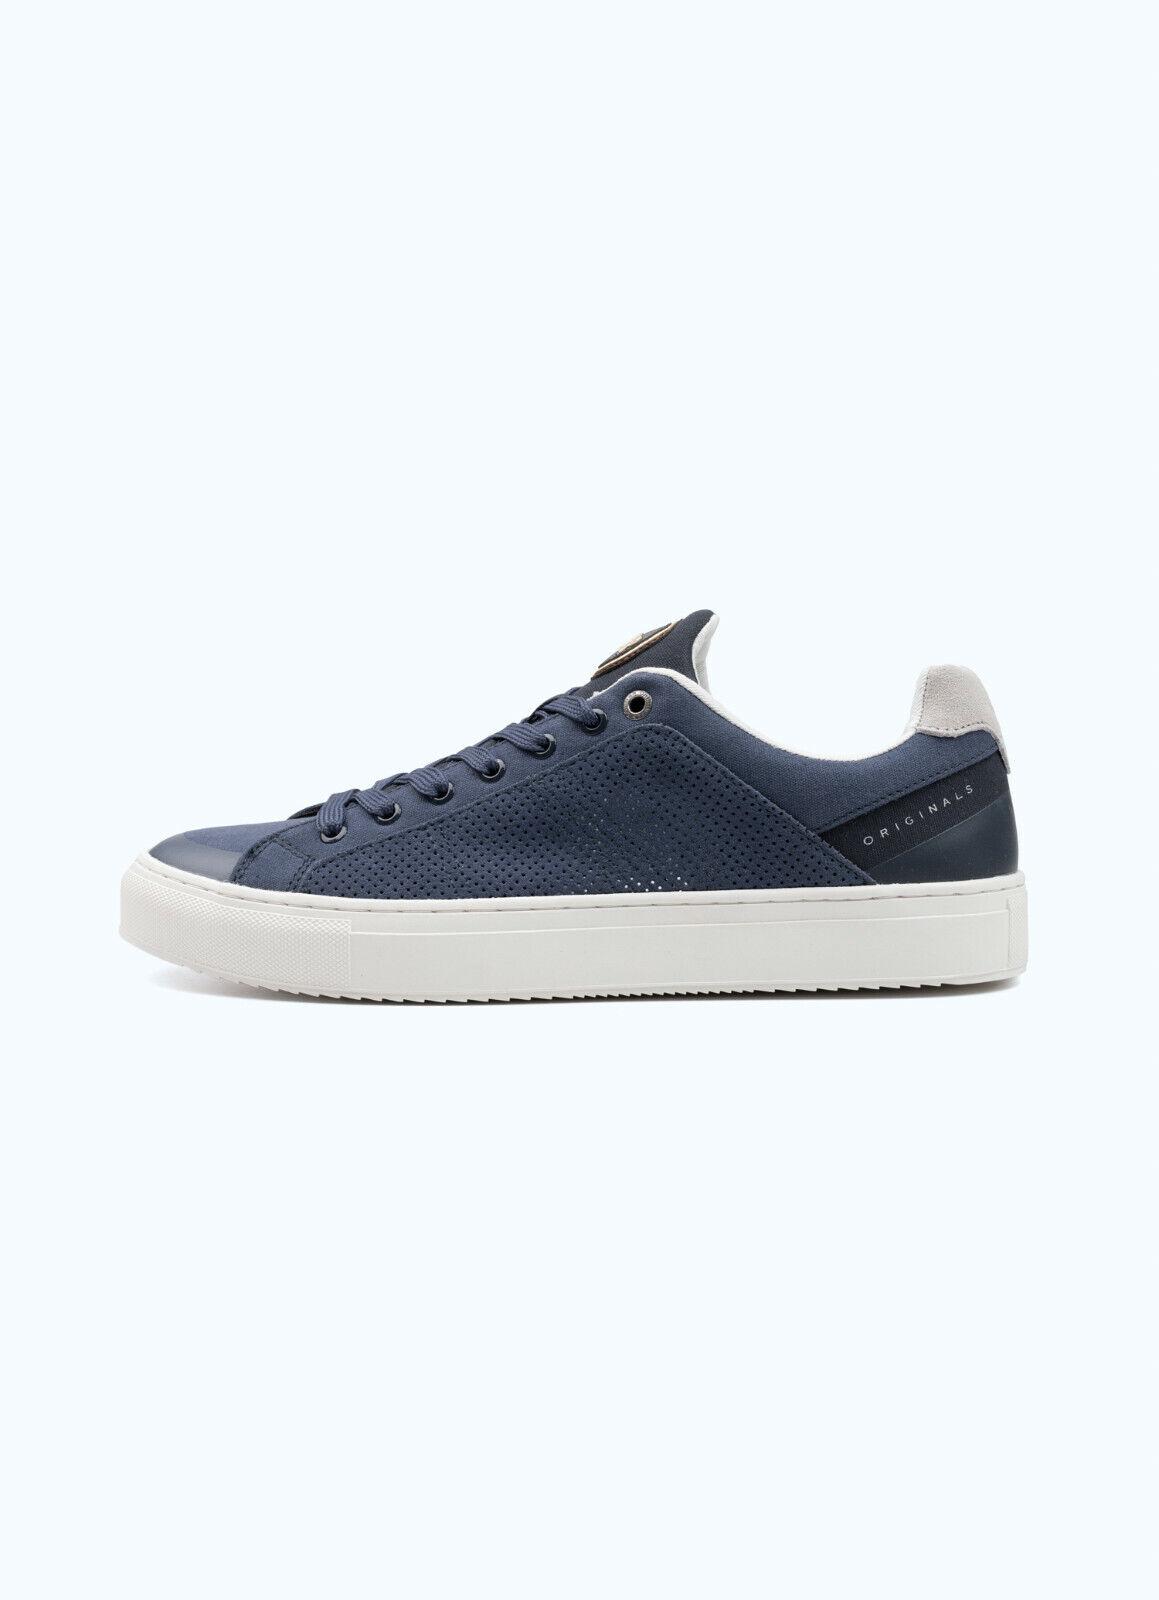 Manturnschuhe Colmar Bradbury Out Schuhe Leder Mikroperforiert Blau Weiss Neu